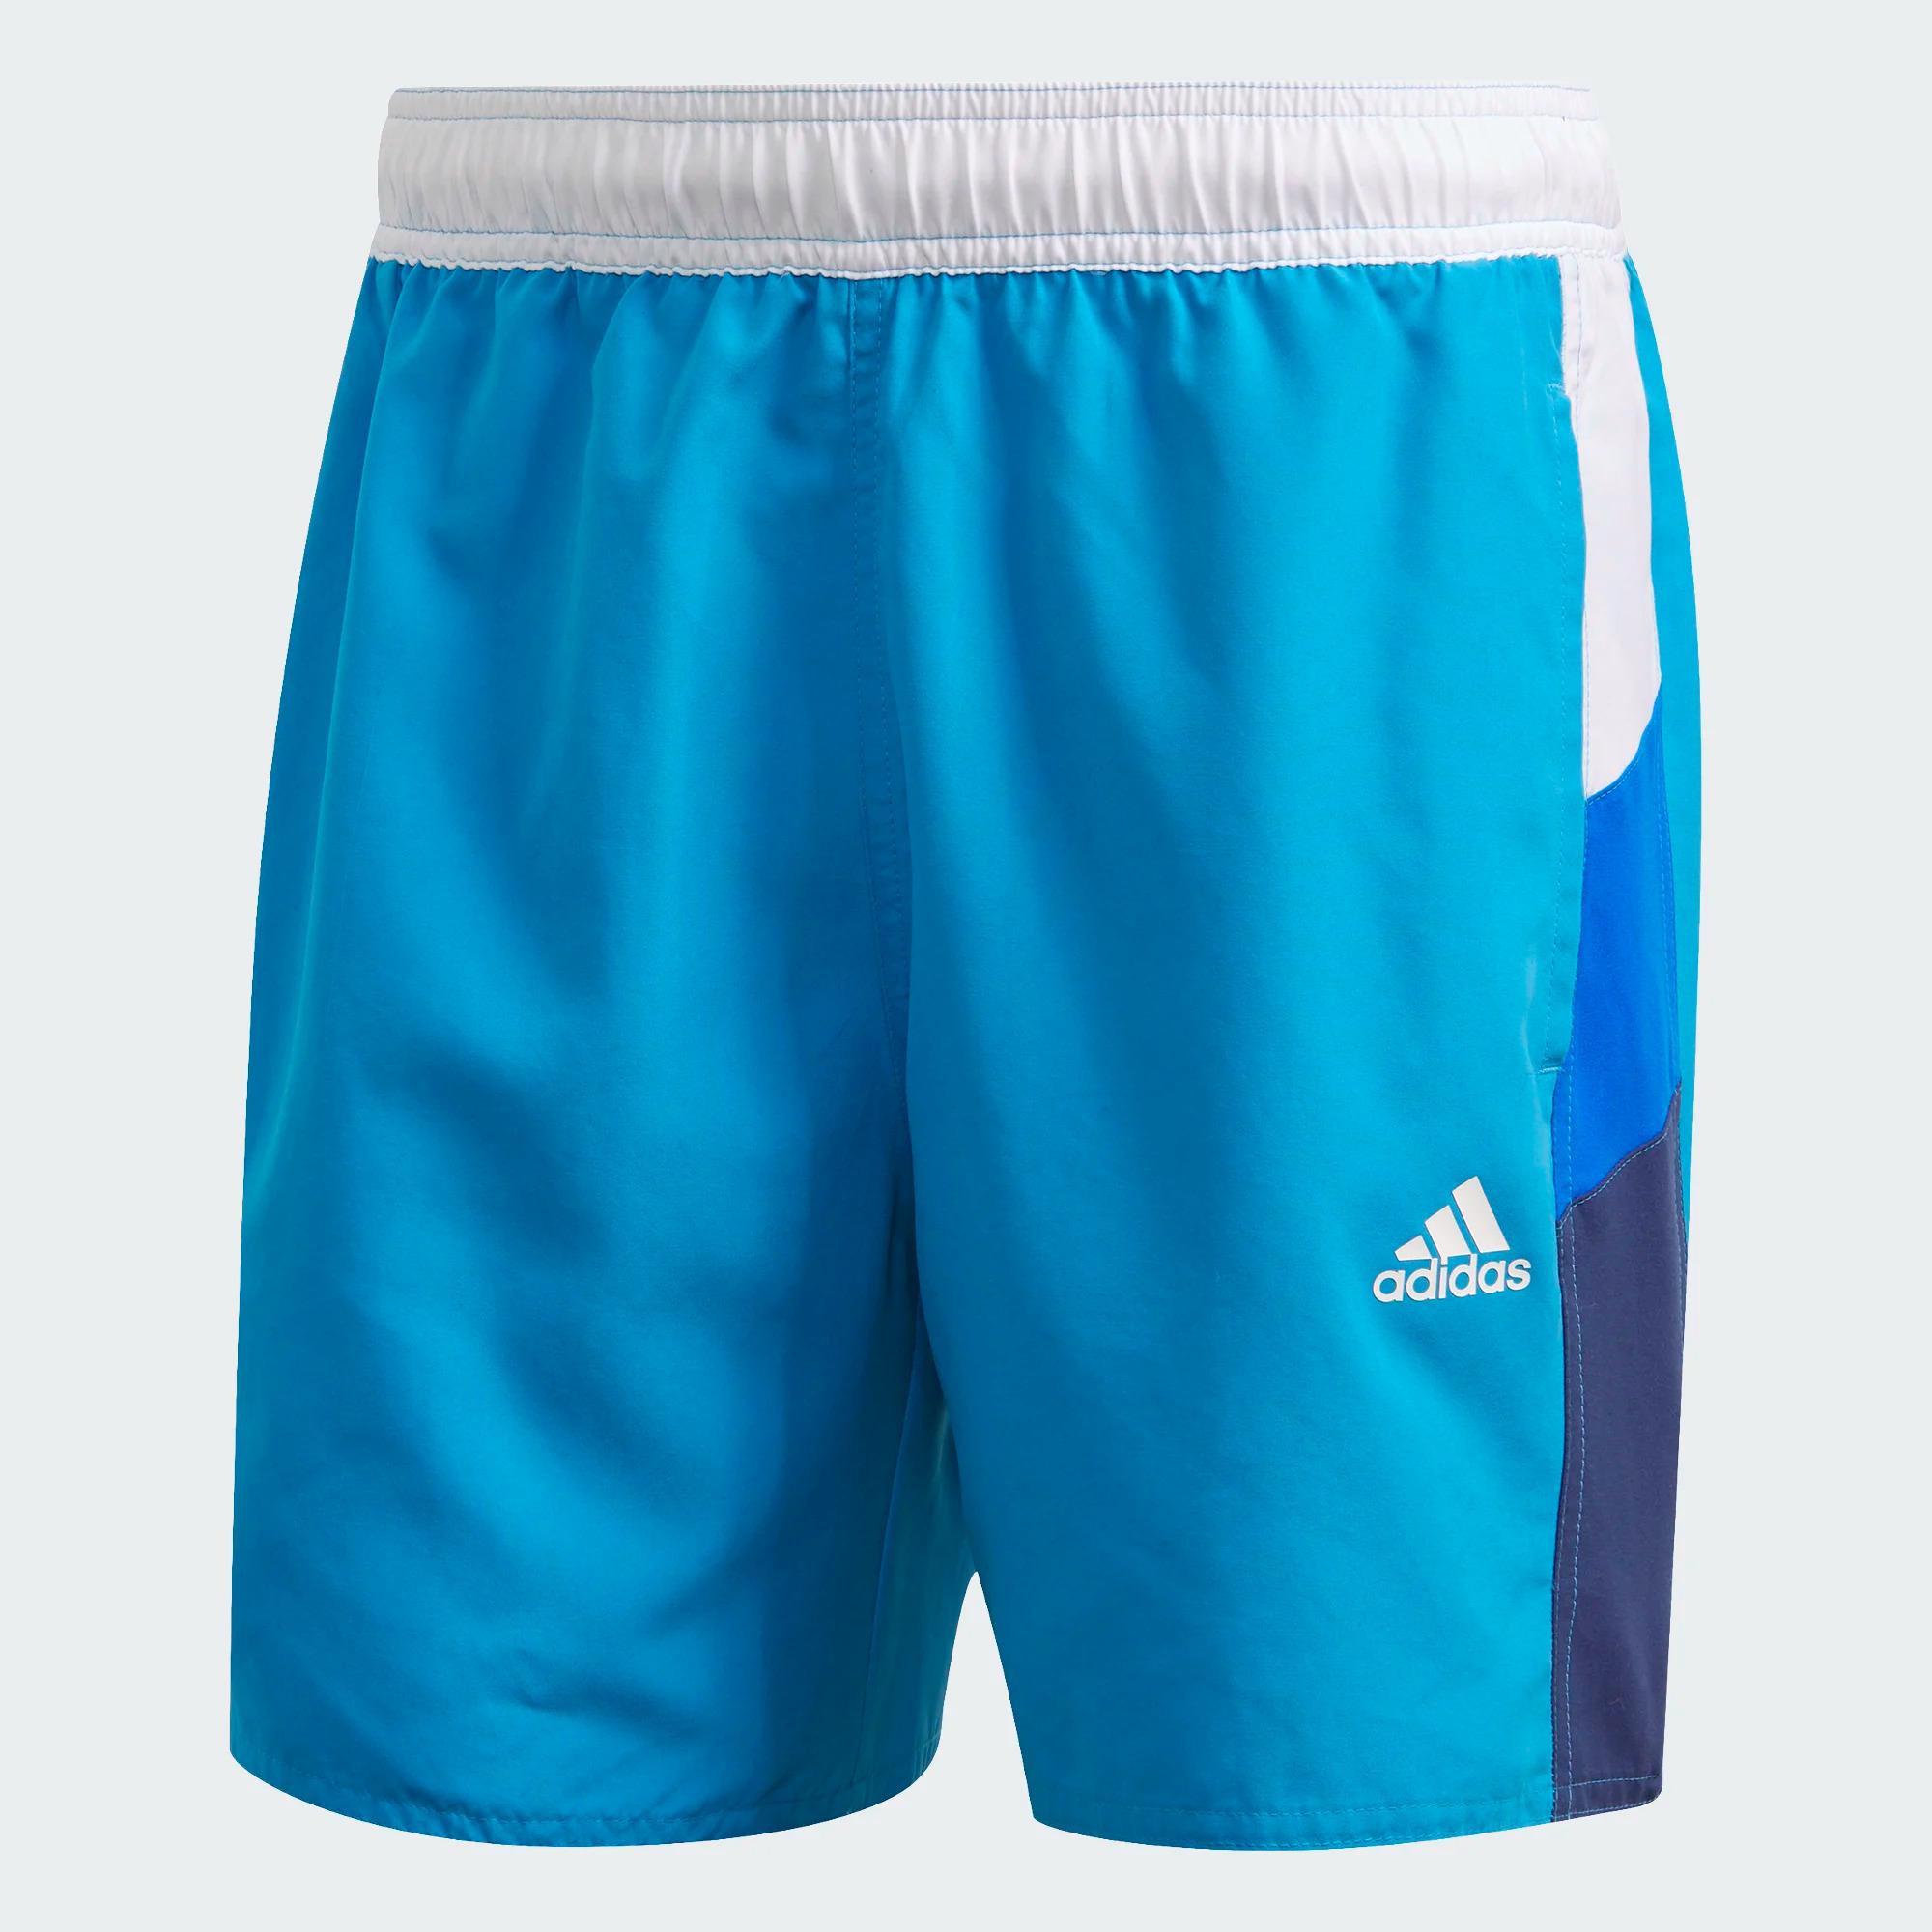 Adidas Colorblock CLX Badeshorts - cyan